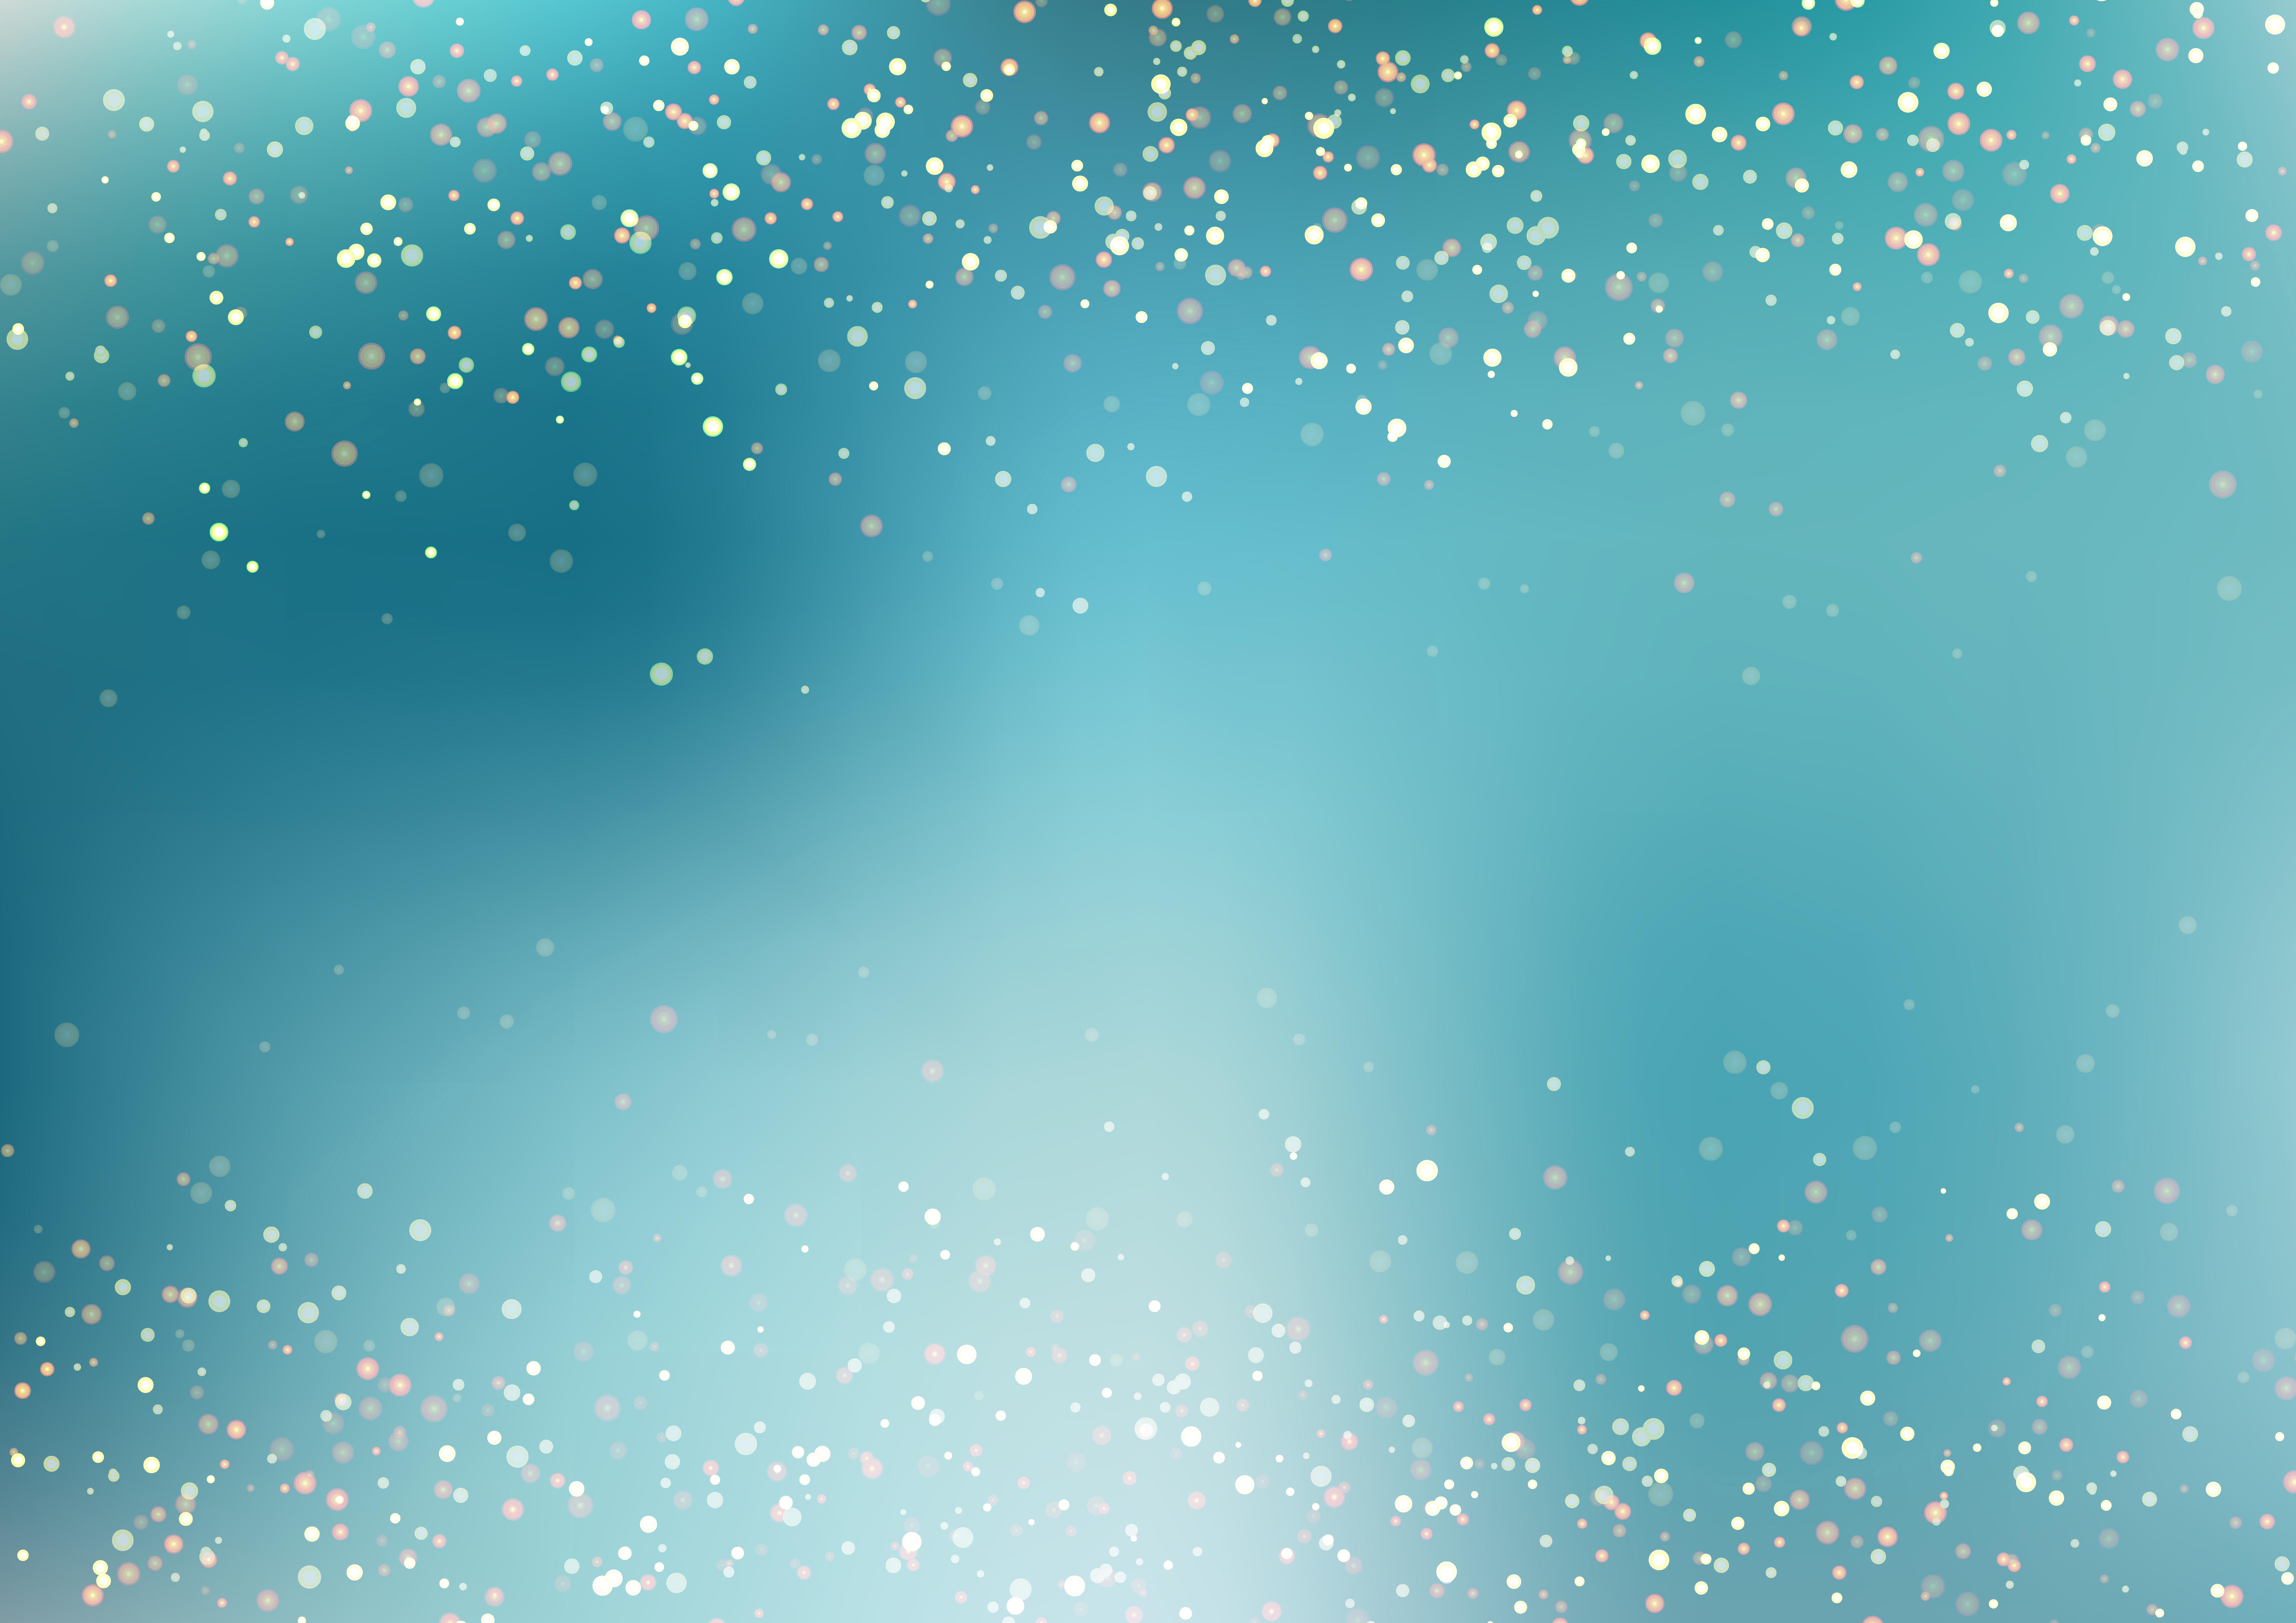 Abstract Falling Golden Glitter Lights